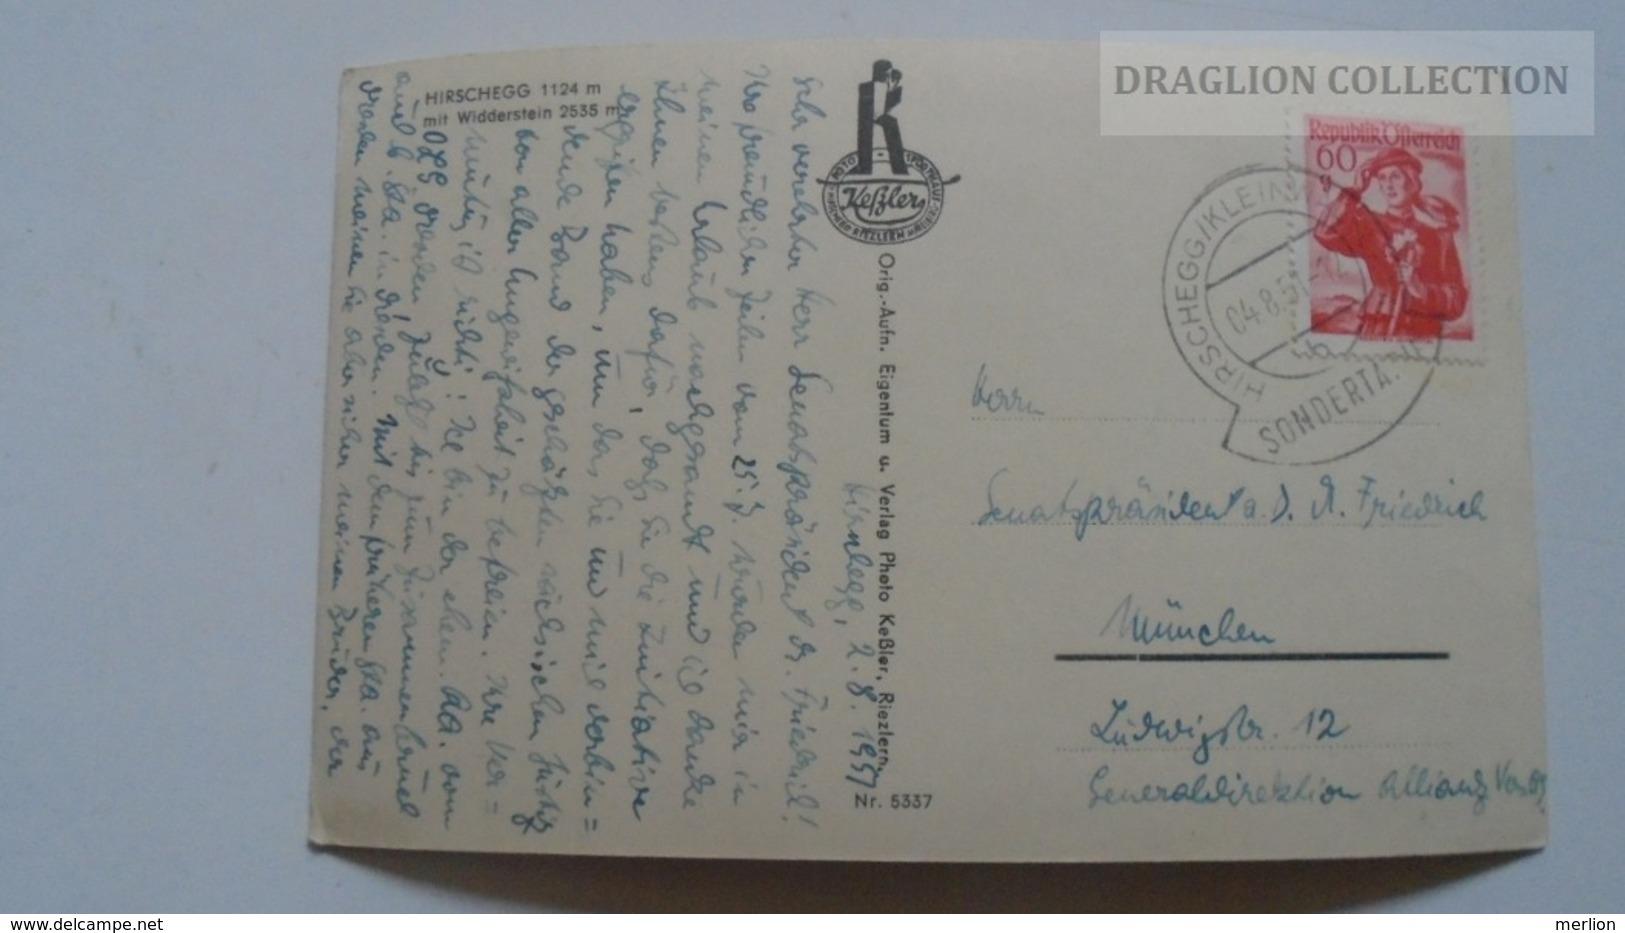 D167270    Austria     Hirschegg - Kleinwalsertal - Vorarlberg  - Mit Widderstein PU 1951  FOTO AK  Keßler -Riezlern - Kleinwalsertal